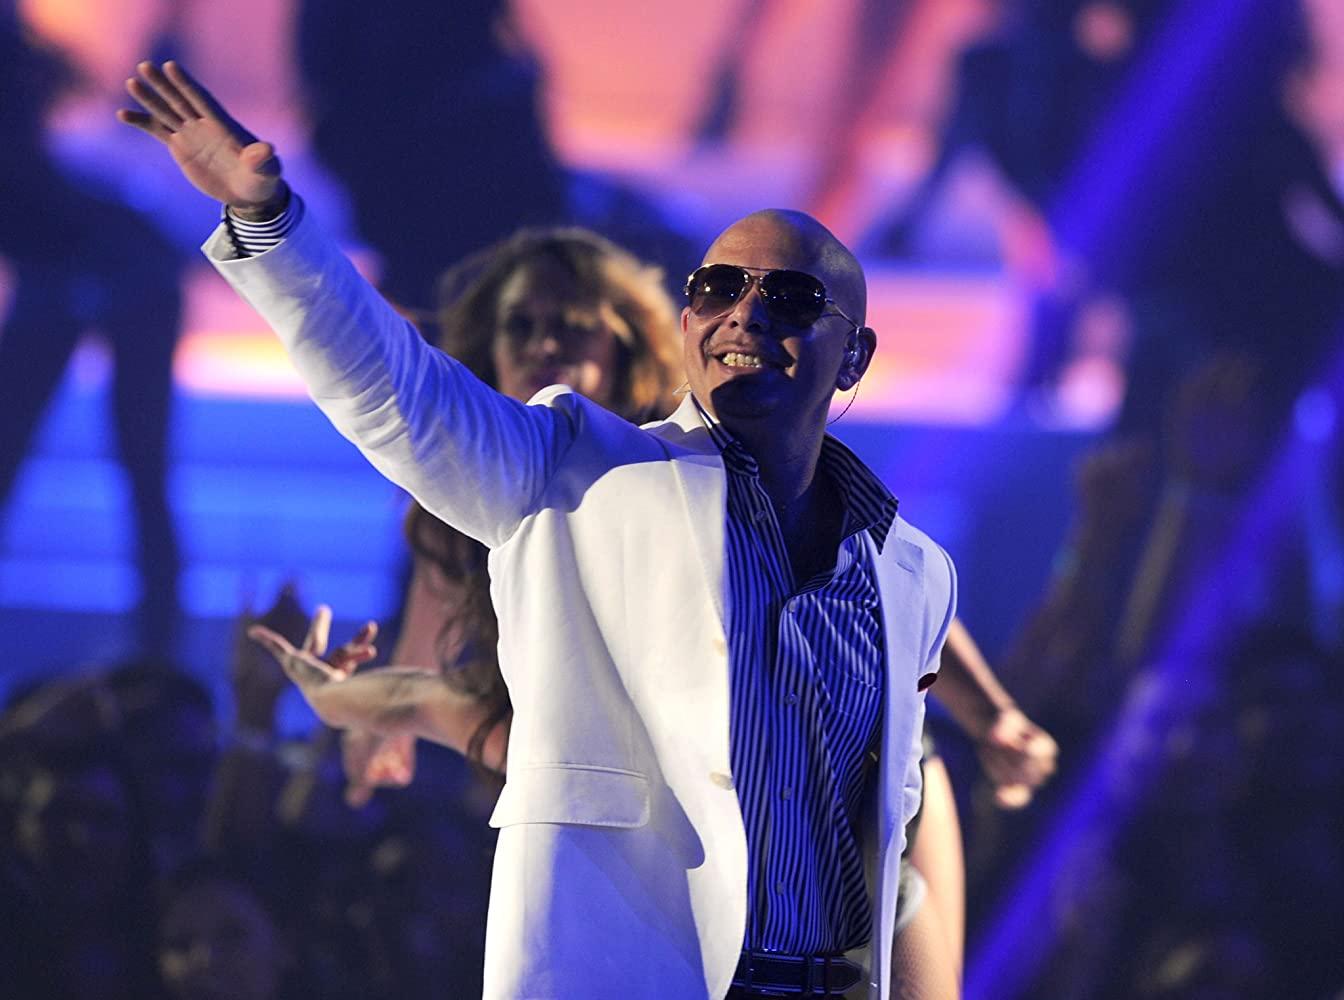 Pitbull Rapper Miami